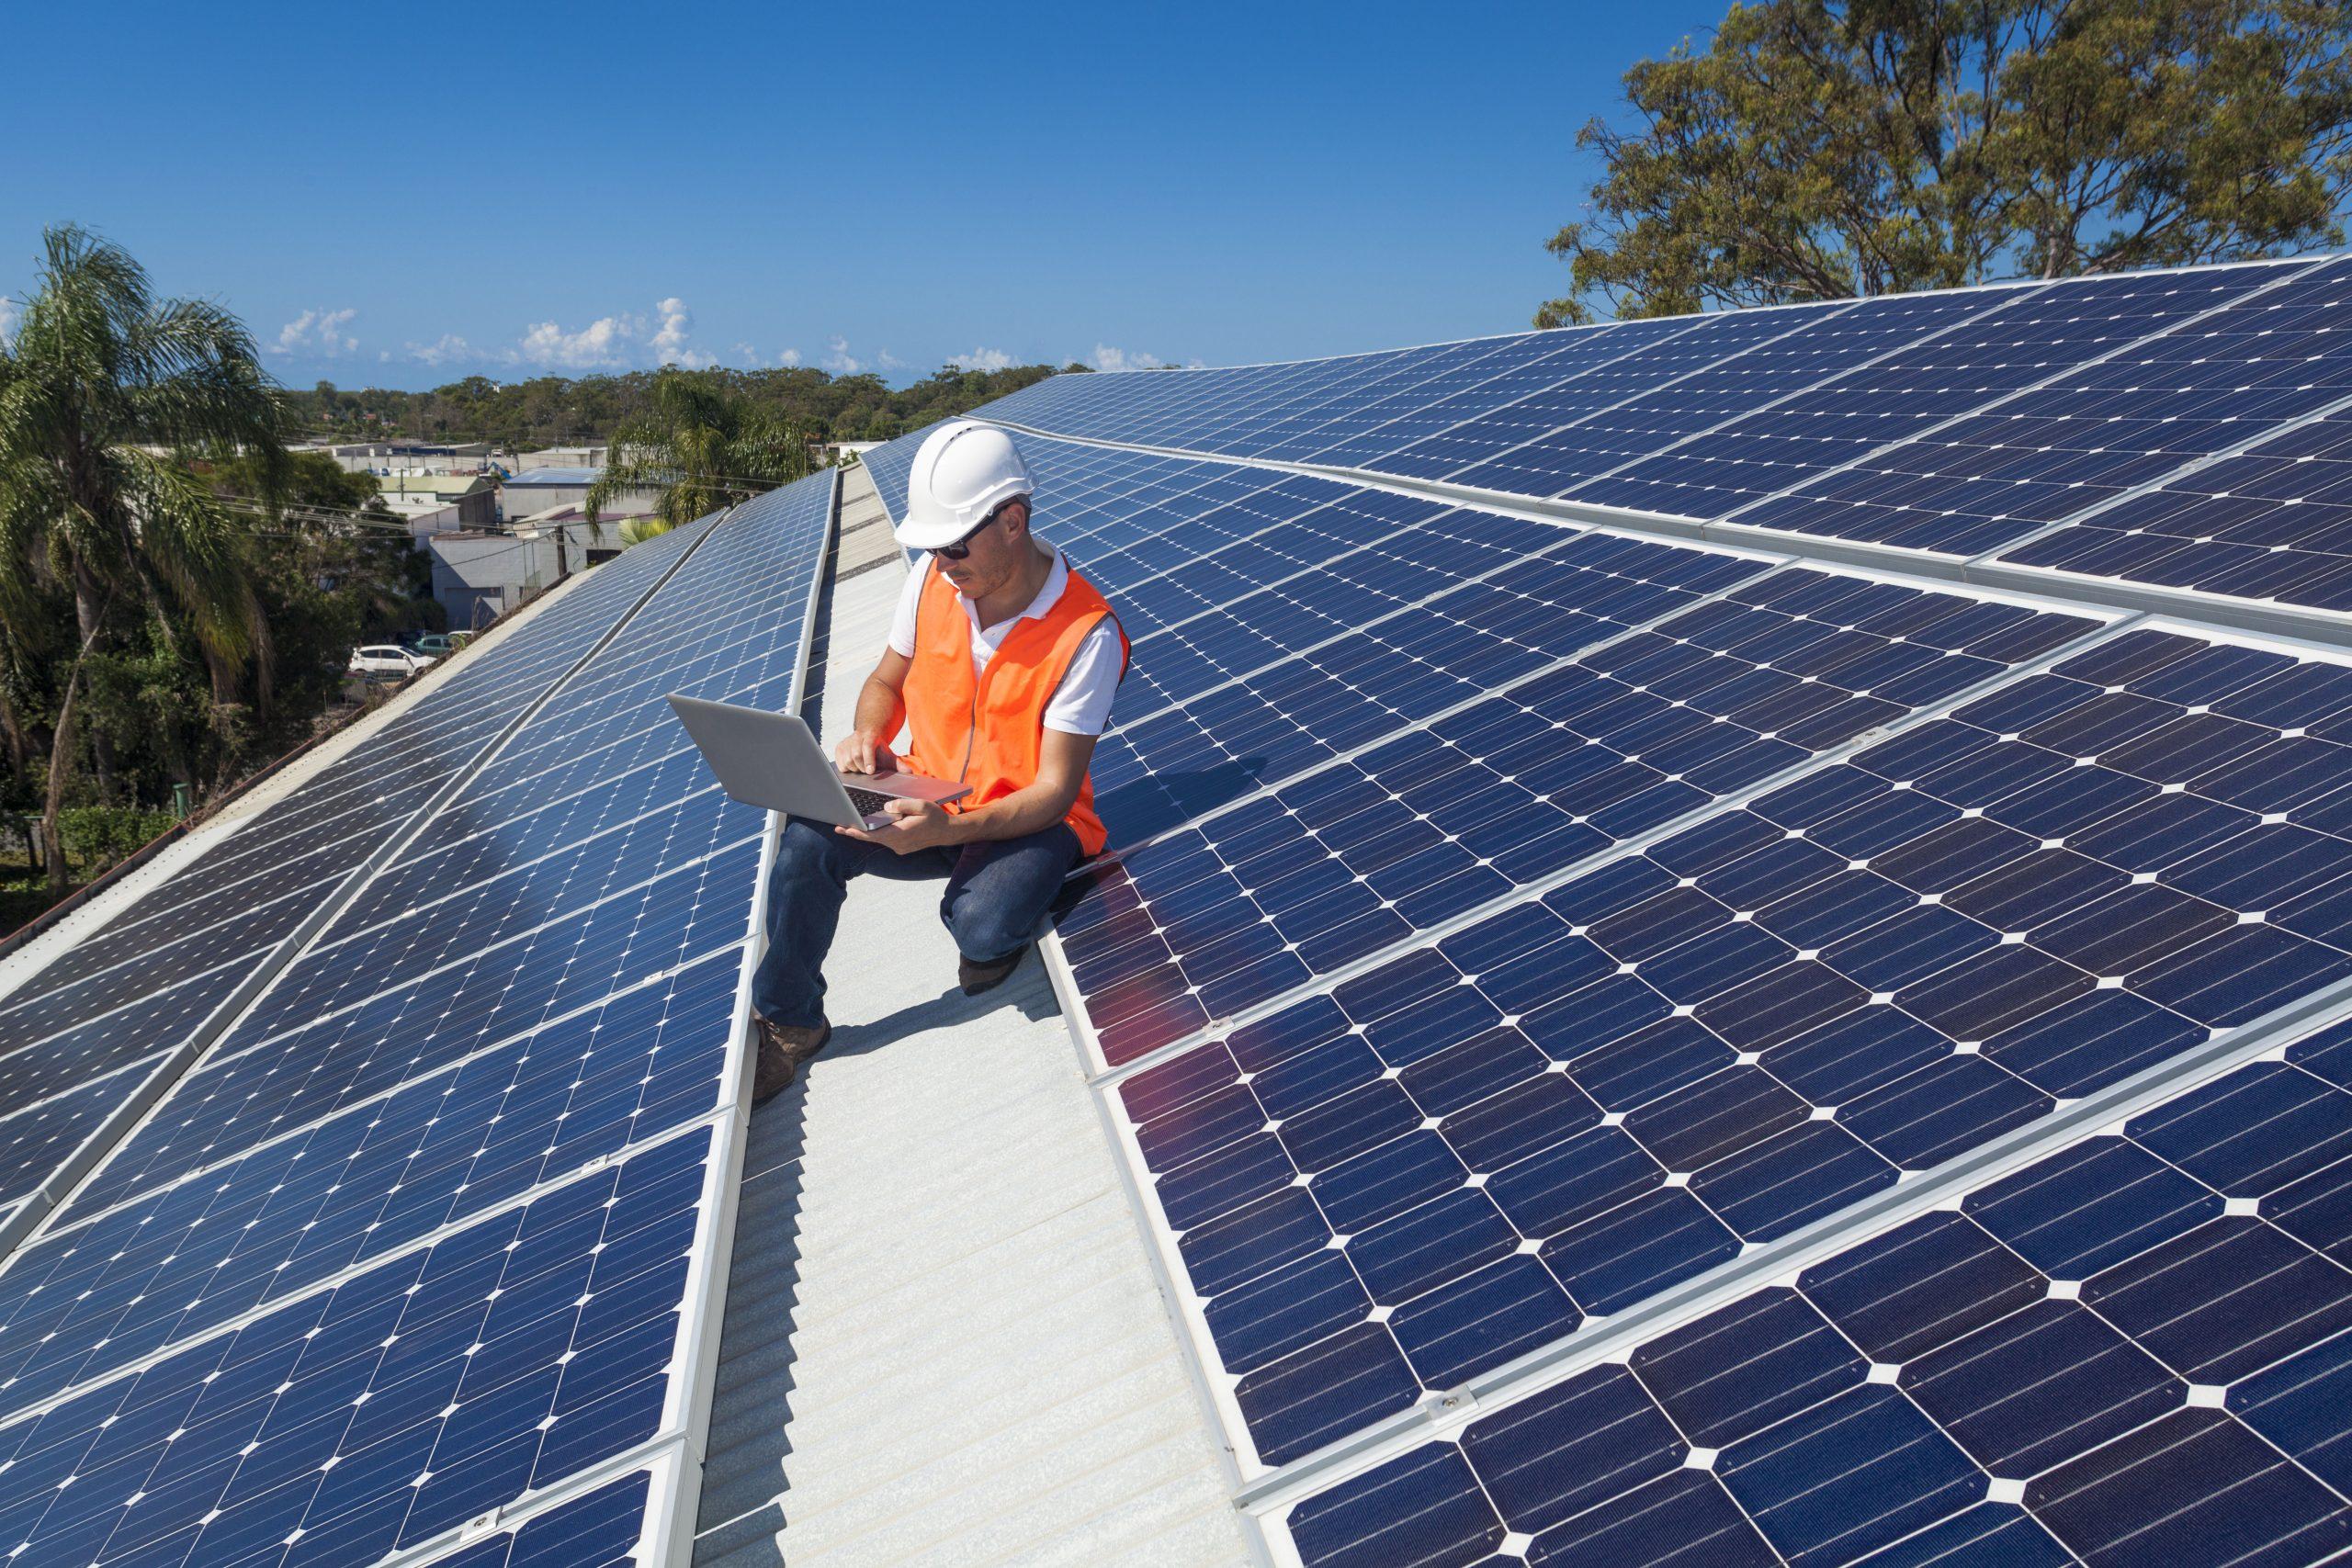 Солнечные батареи для отопления частного дома